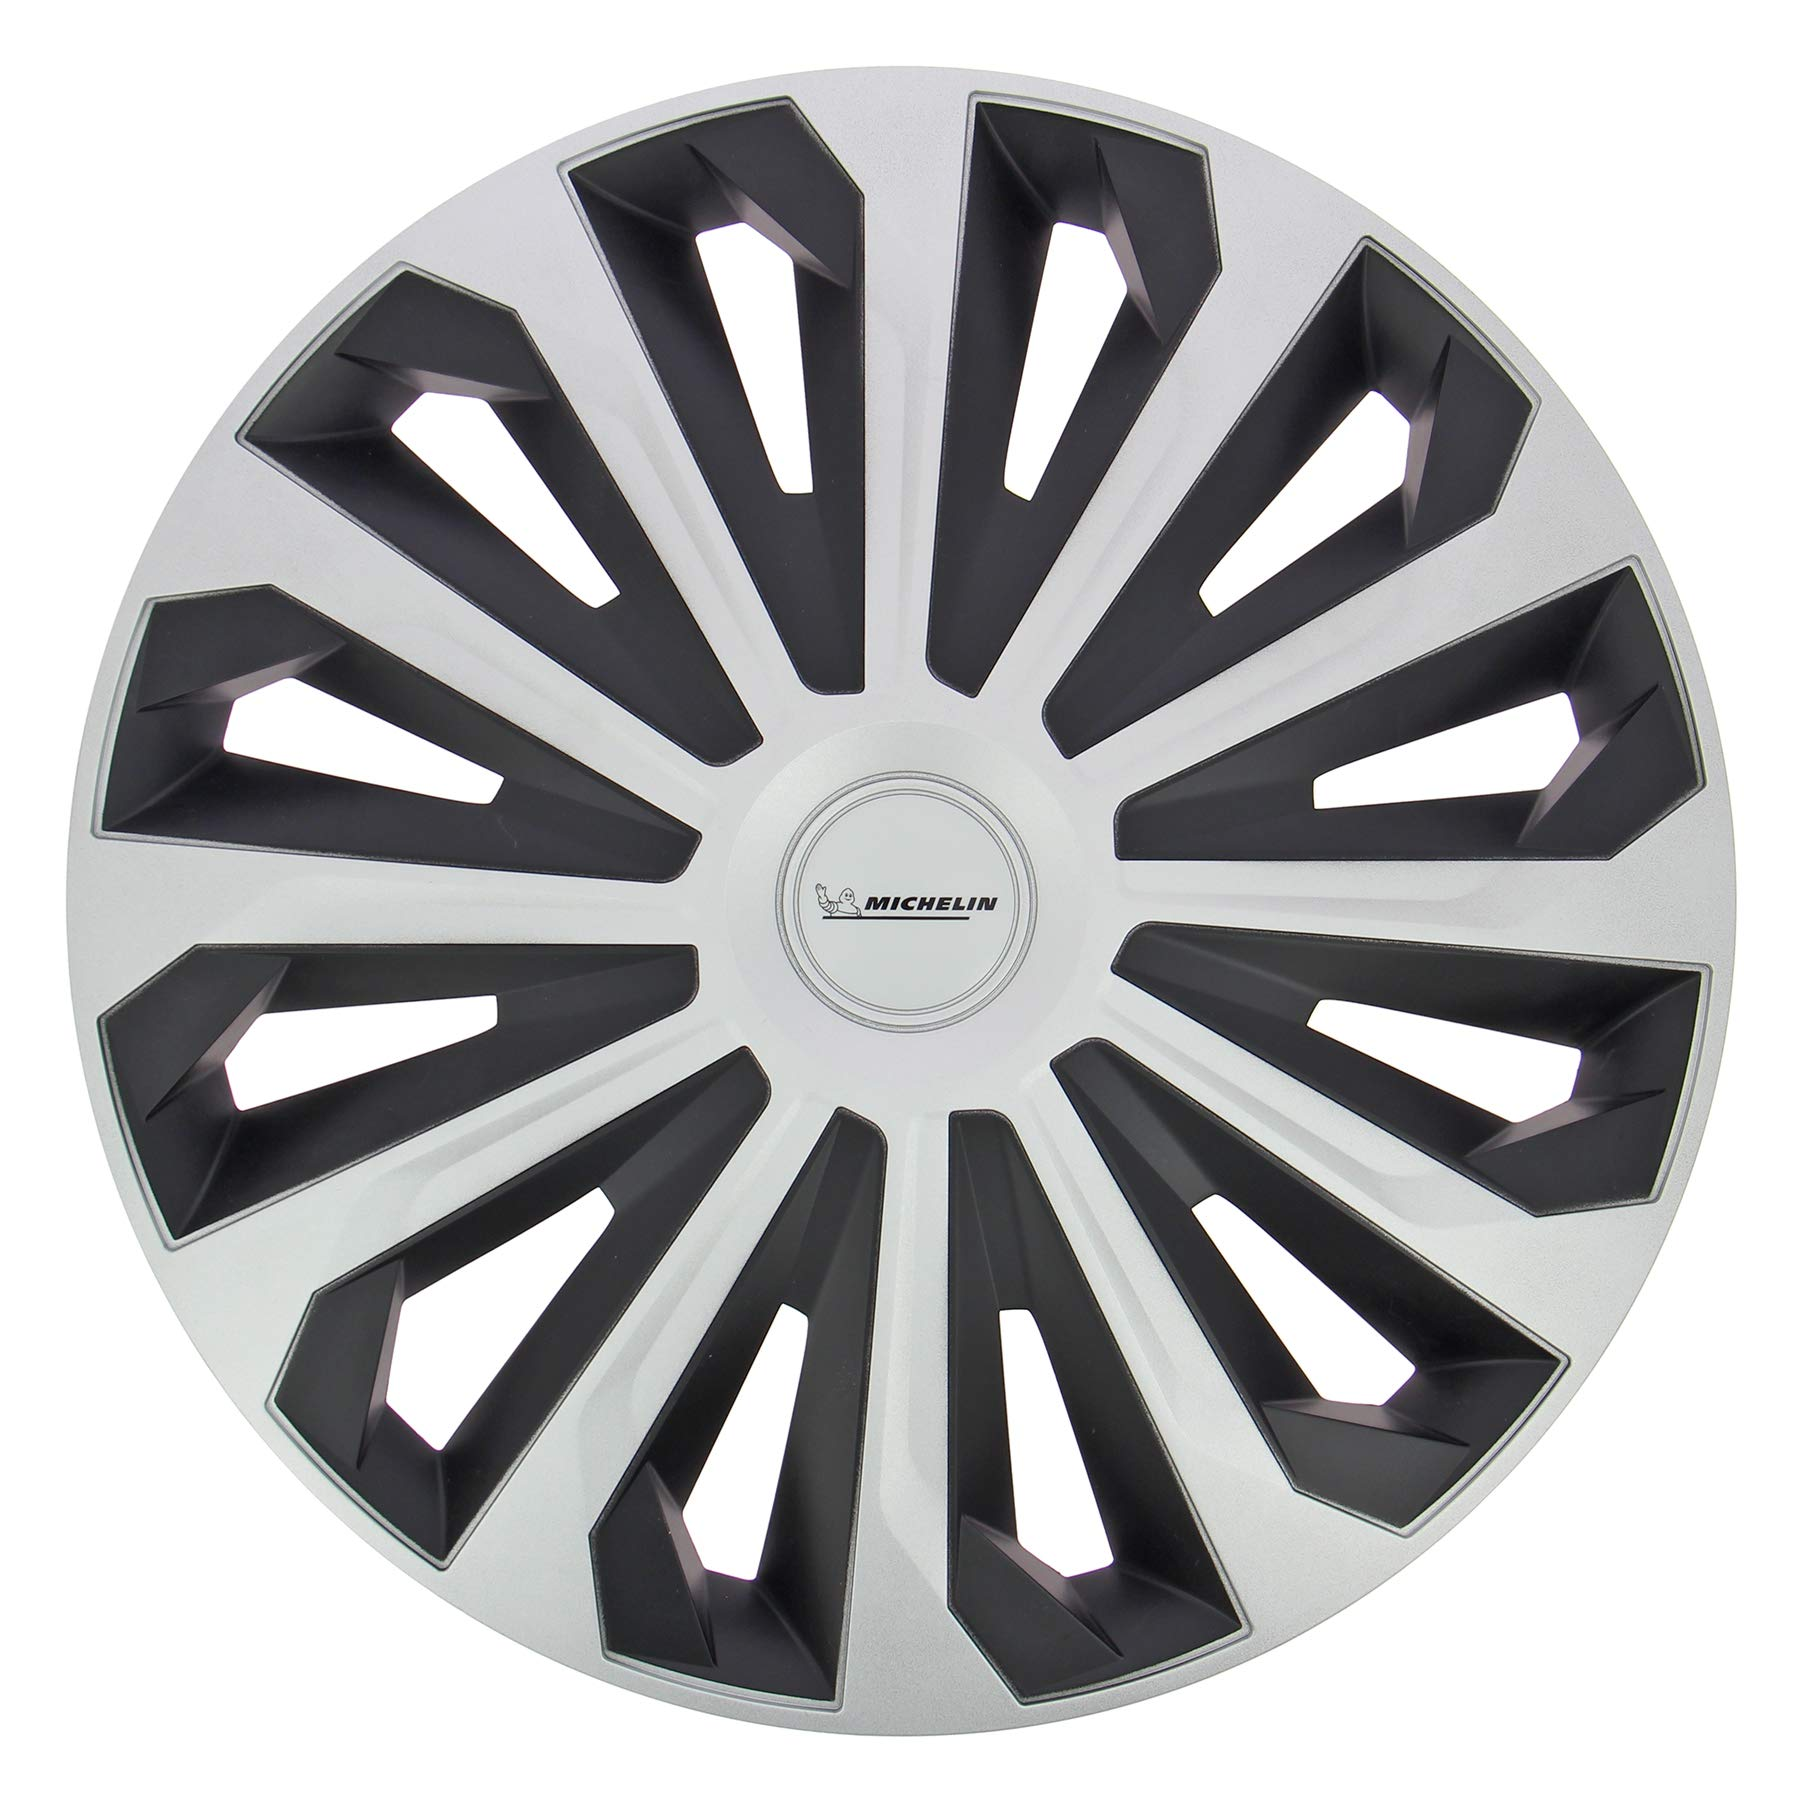 14 Zoll. 4 x Universal Radzierblenden//Radkappen Michelin Fabienne Schwarz